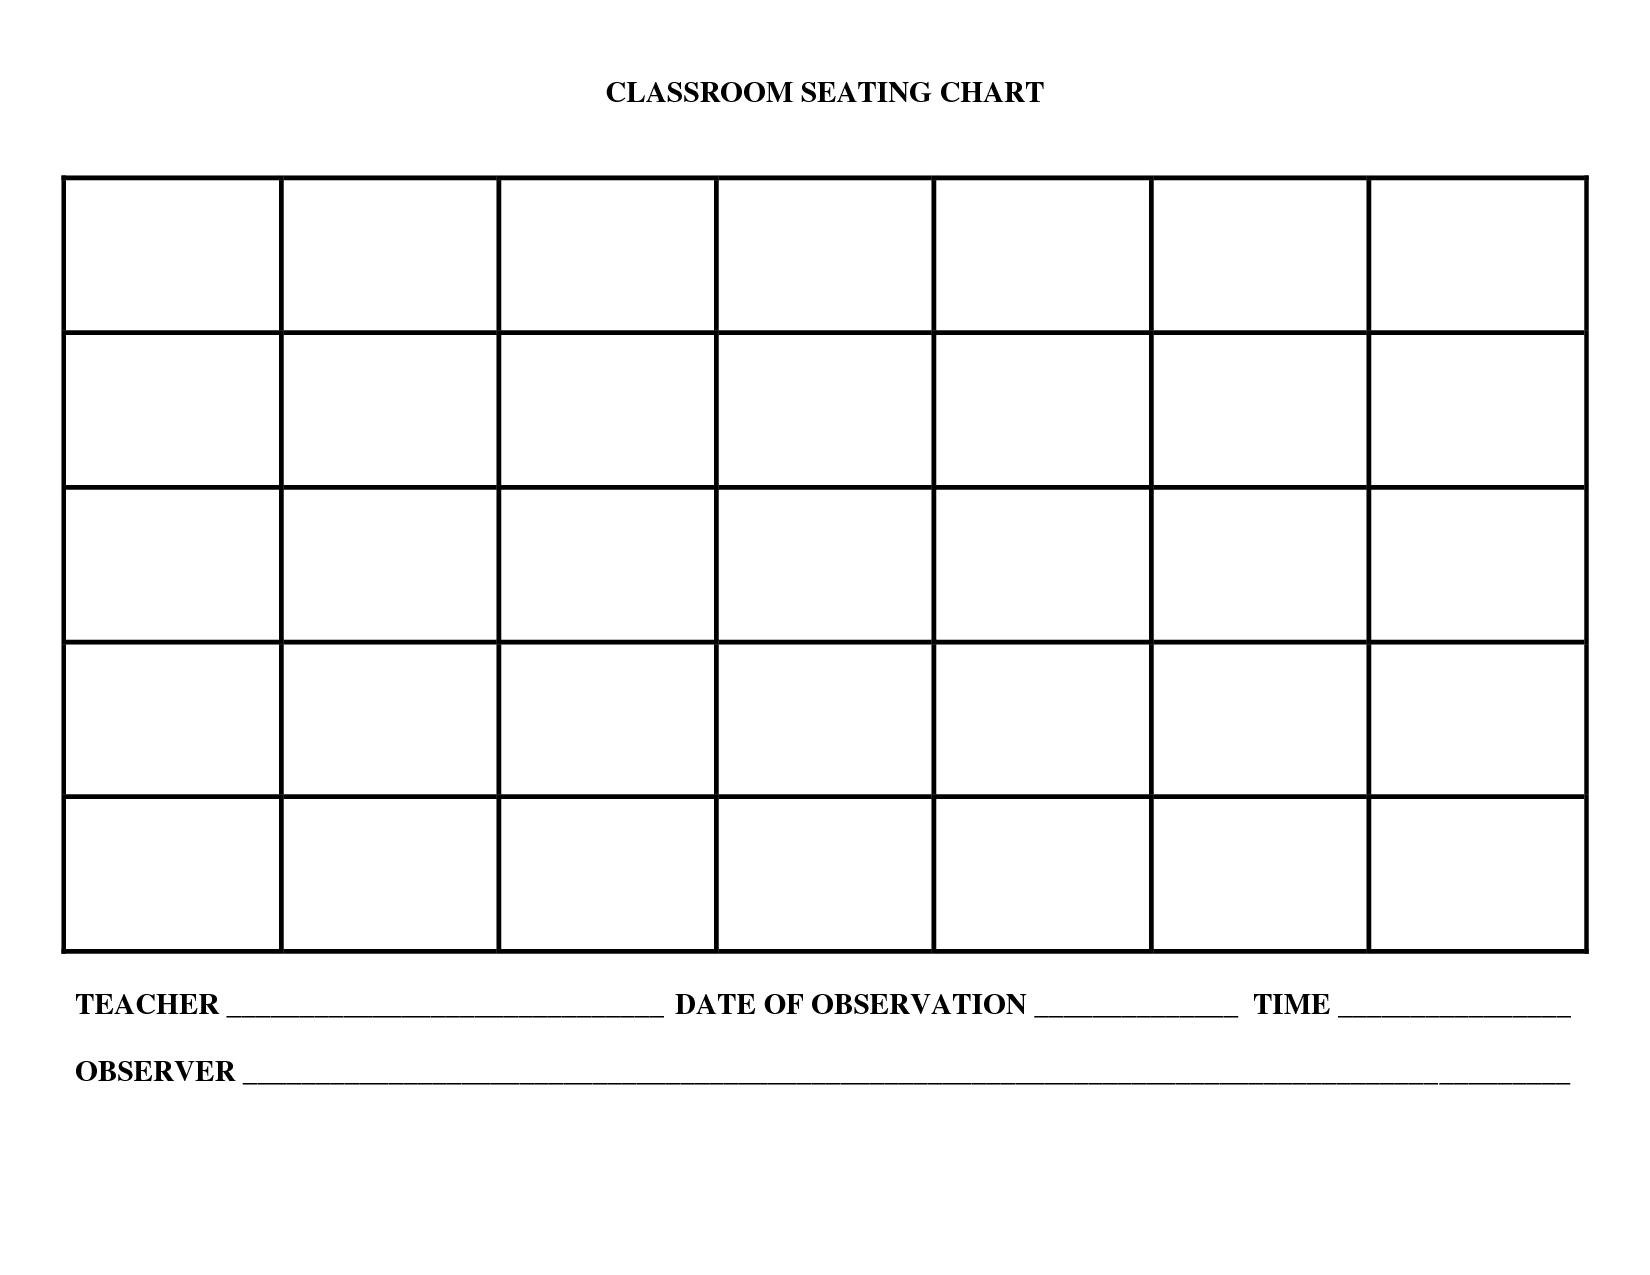 Printable Seating Chart Maker - Uma Printable regarding Printable Church Seating Chart Template